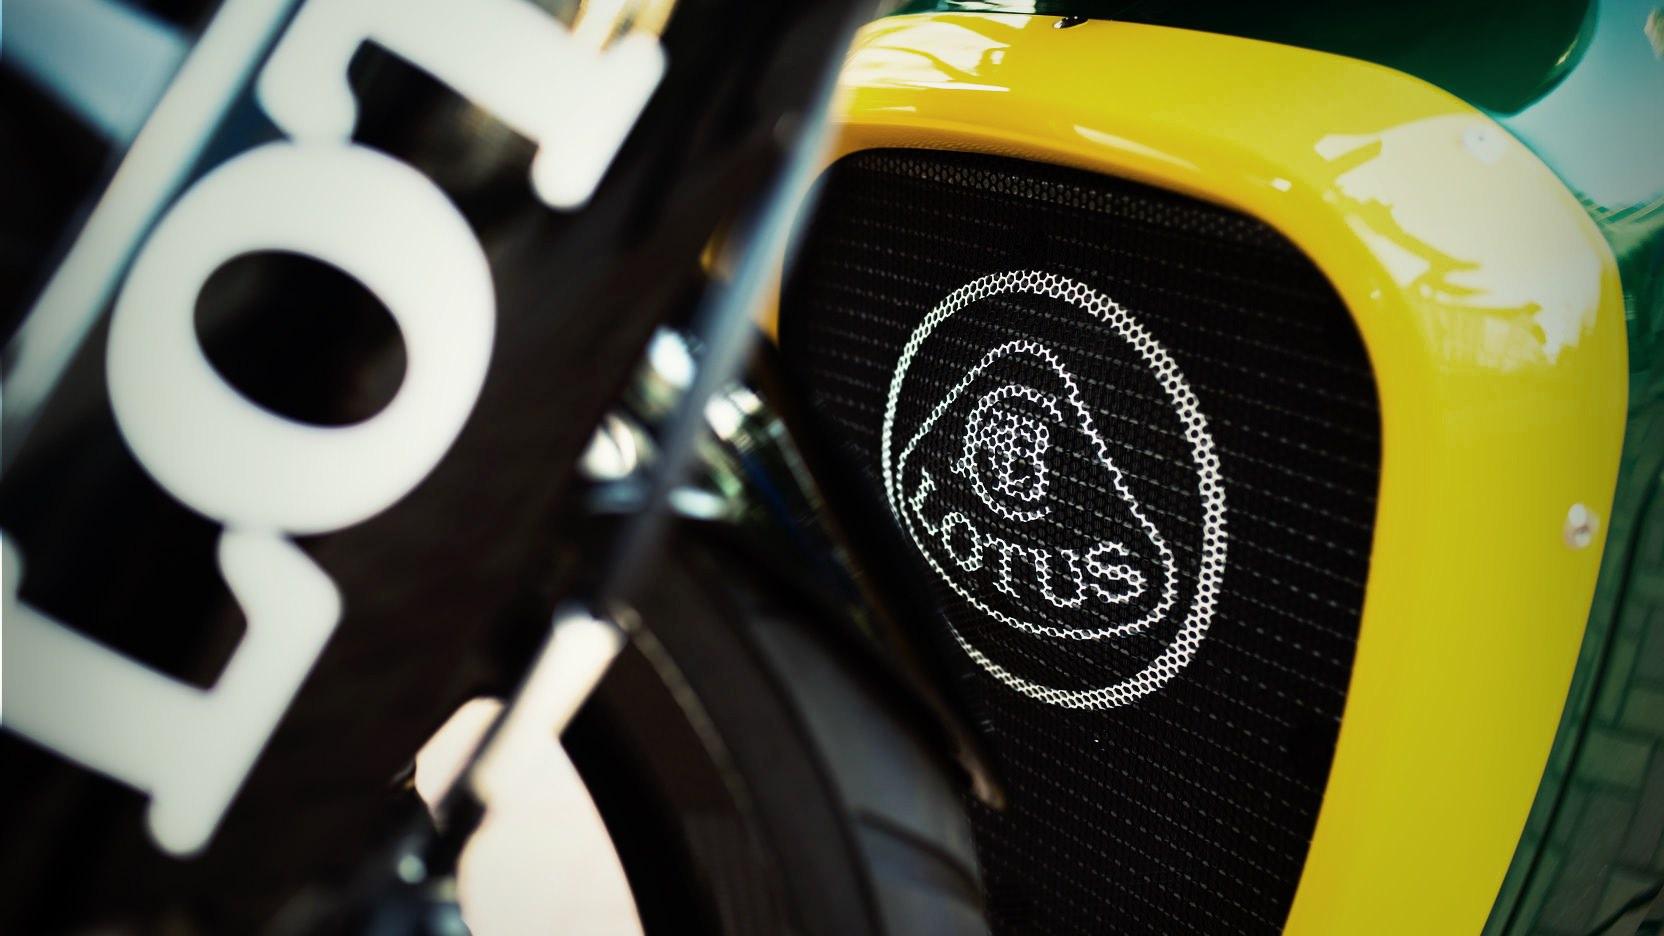 Lotus-C-01-Motorcycle-5